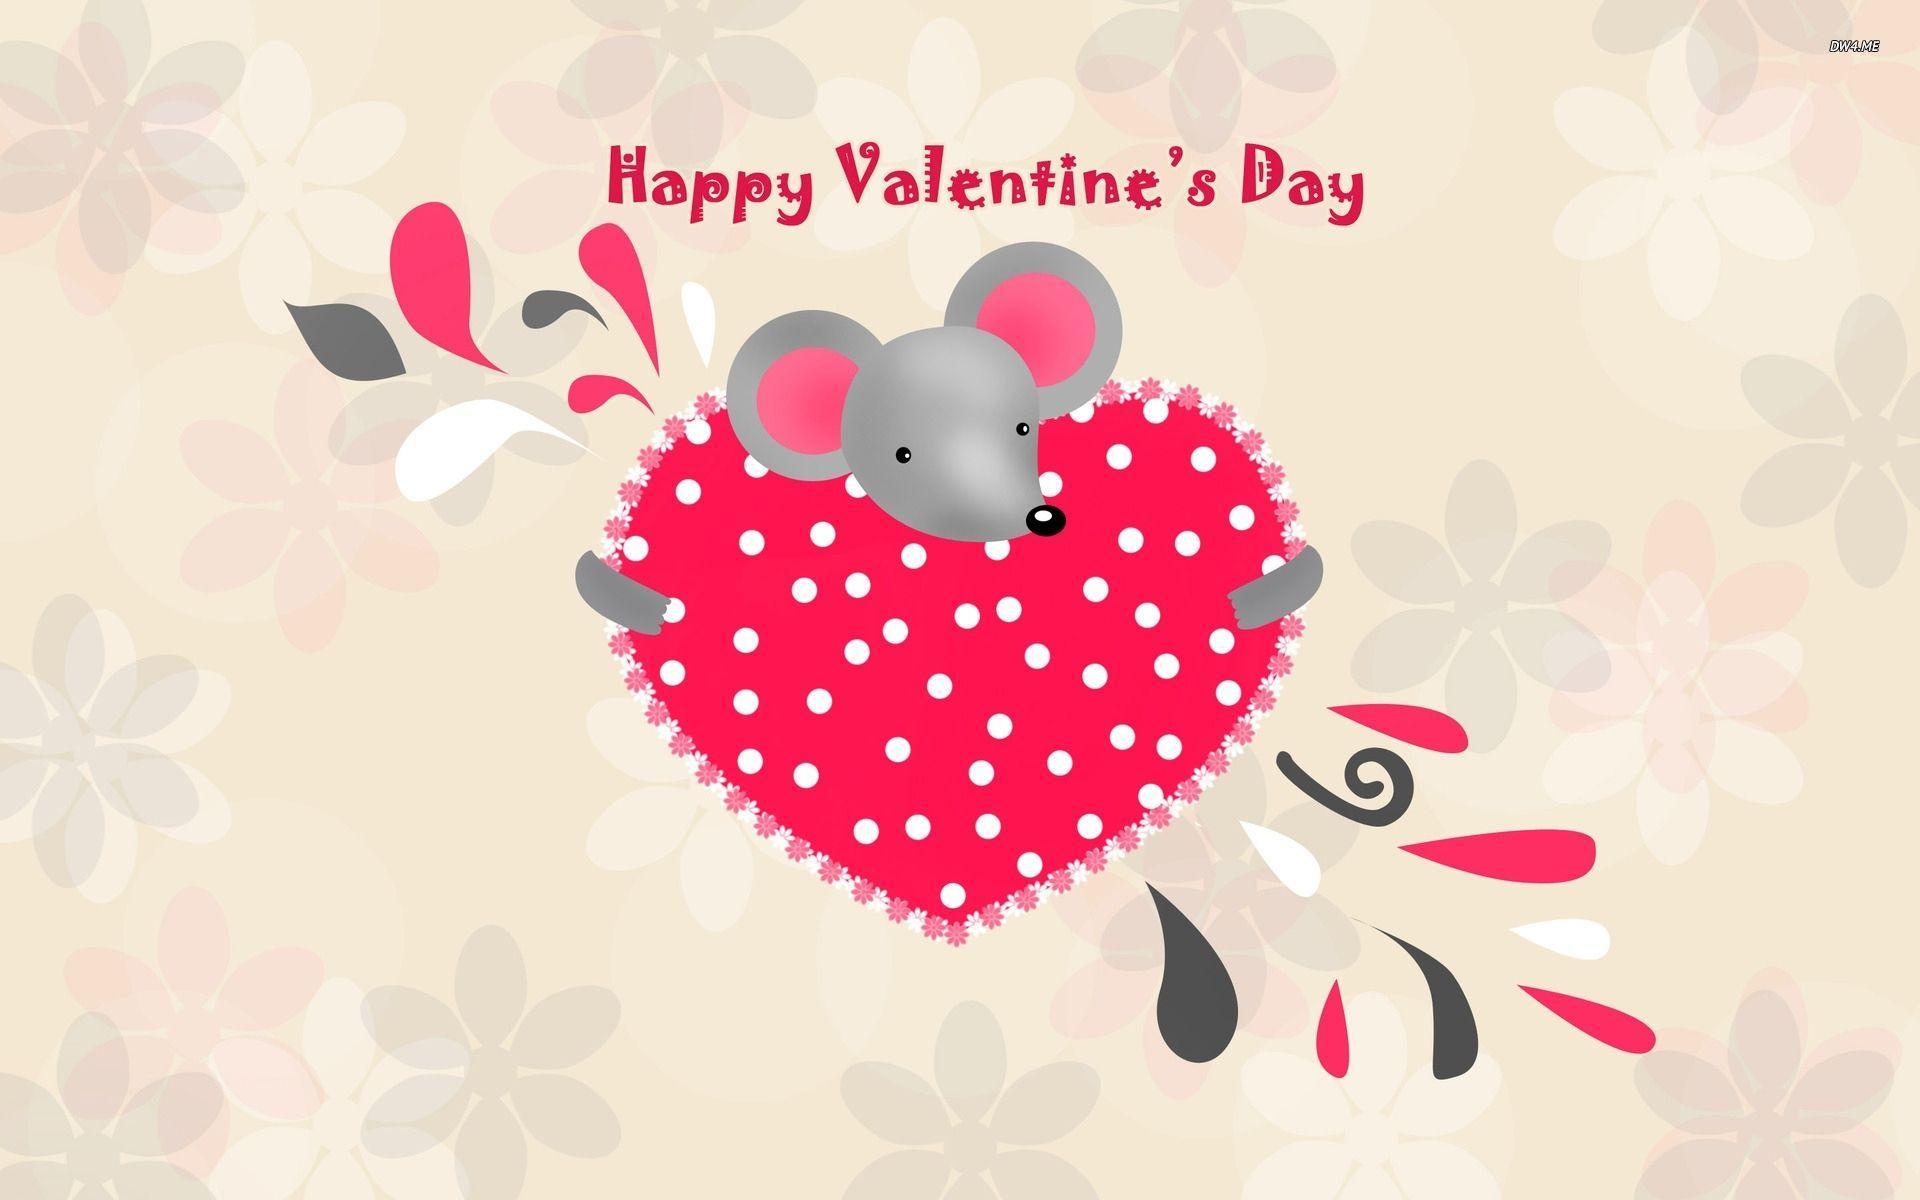 1920x1200 Cute Happy Valentine Day Wallpaper Desktop. Free Download GameFree